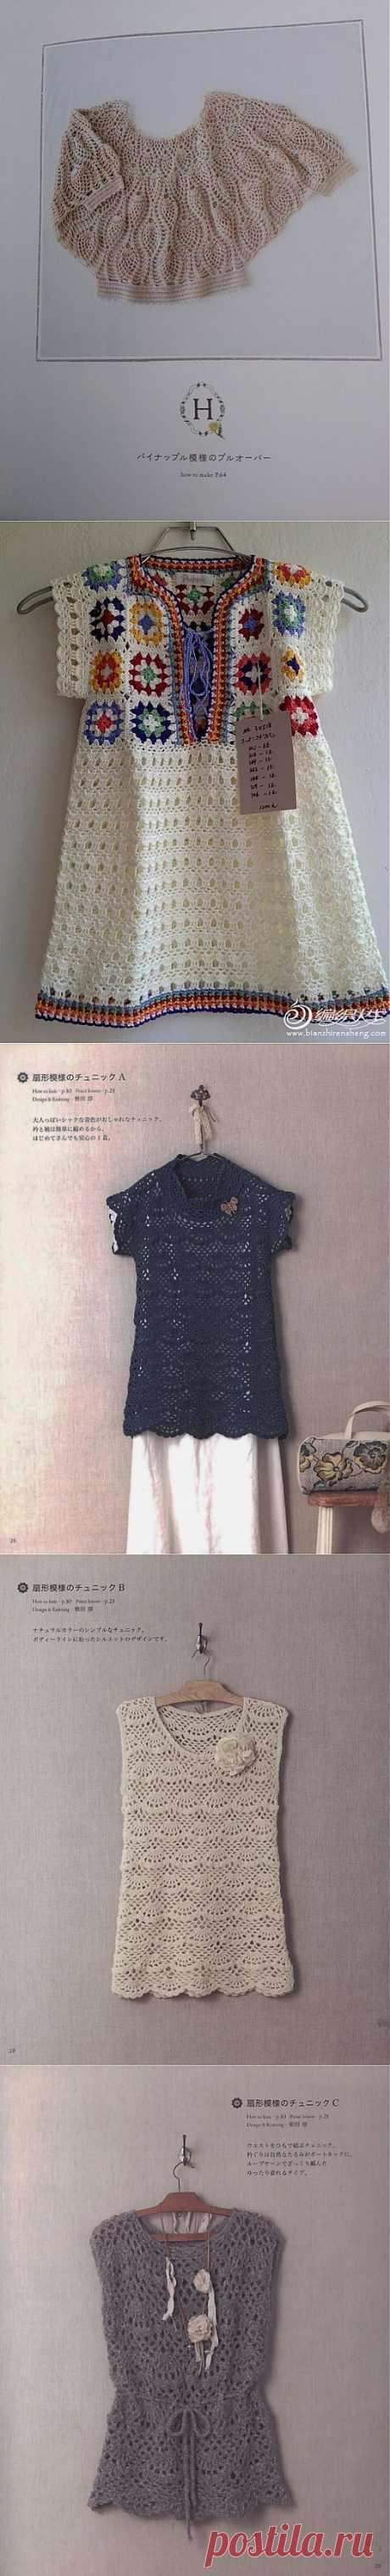 Вязаные блузы и схемы..